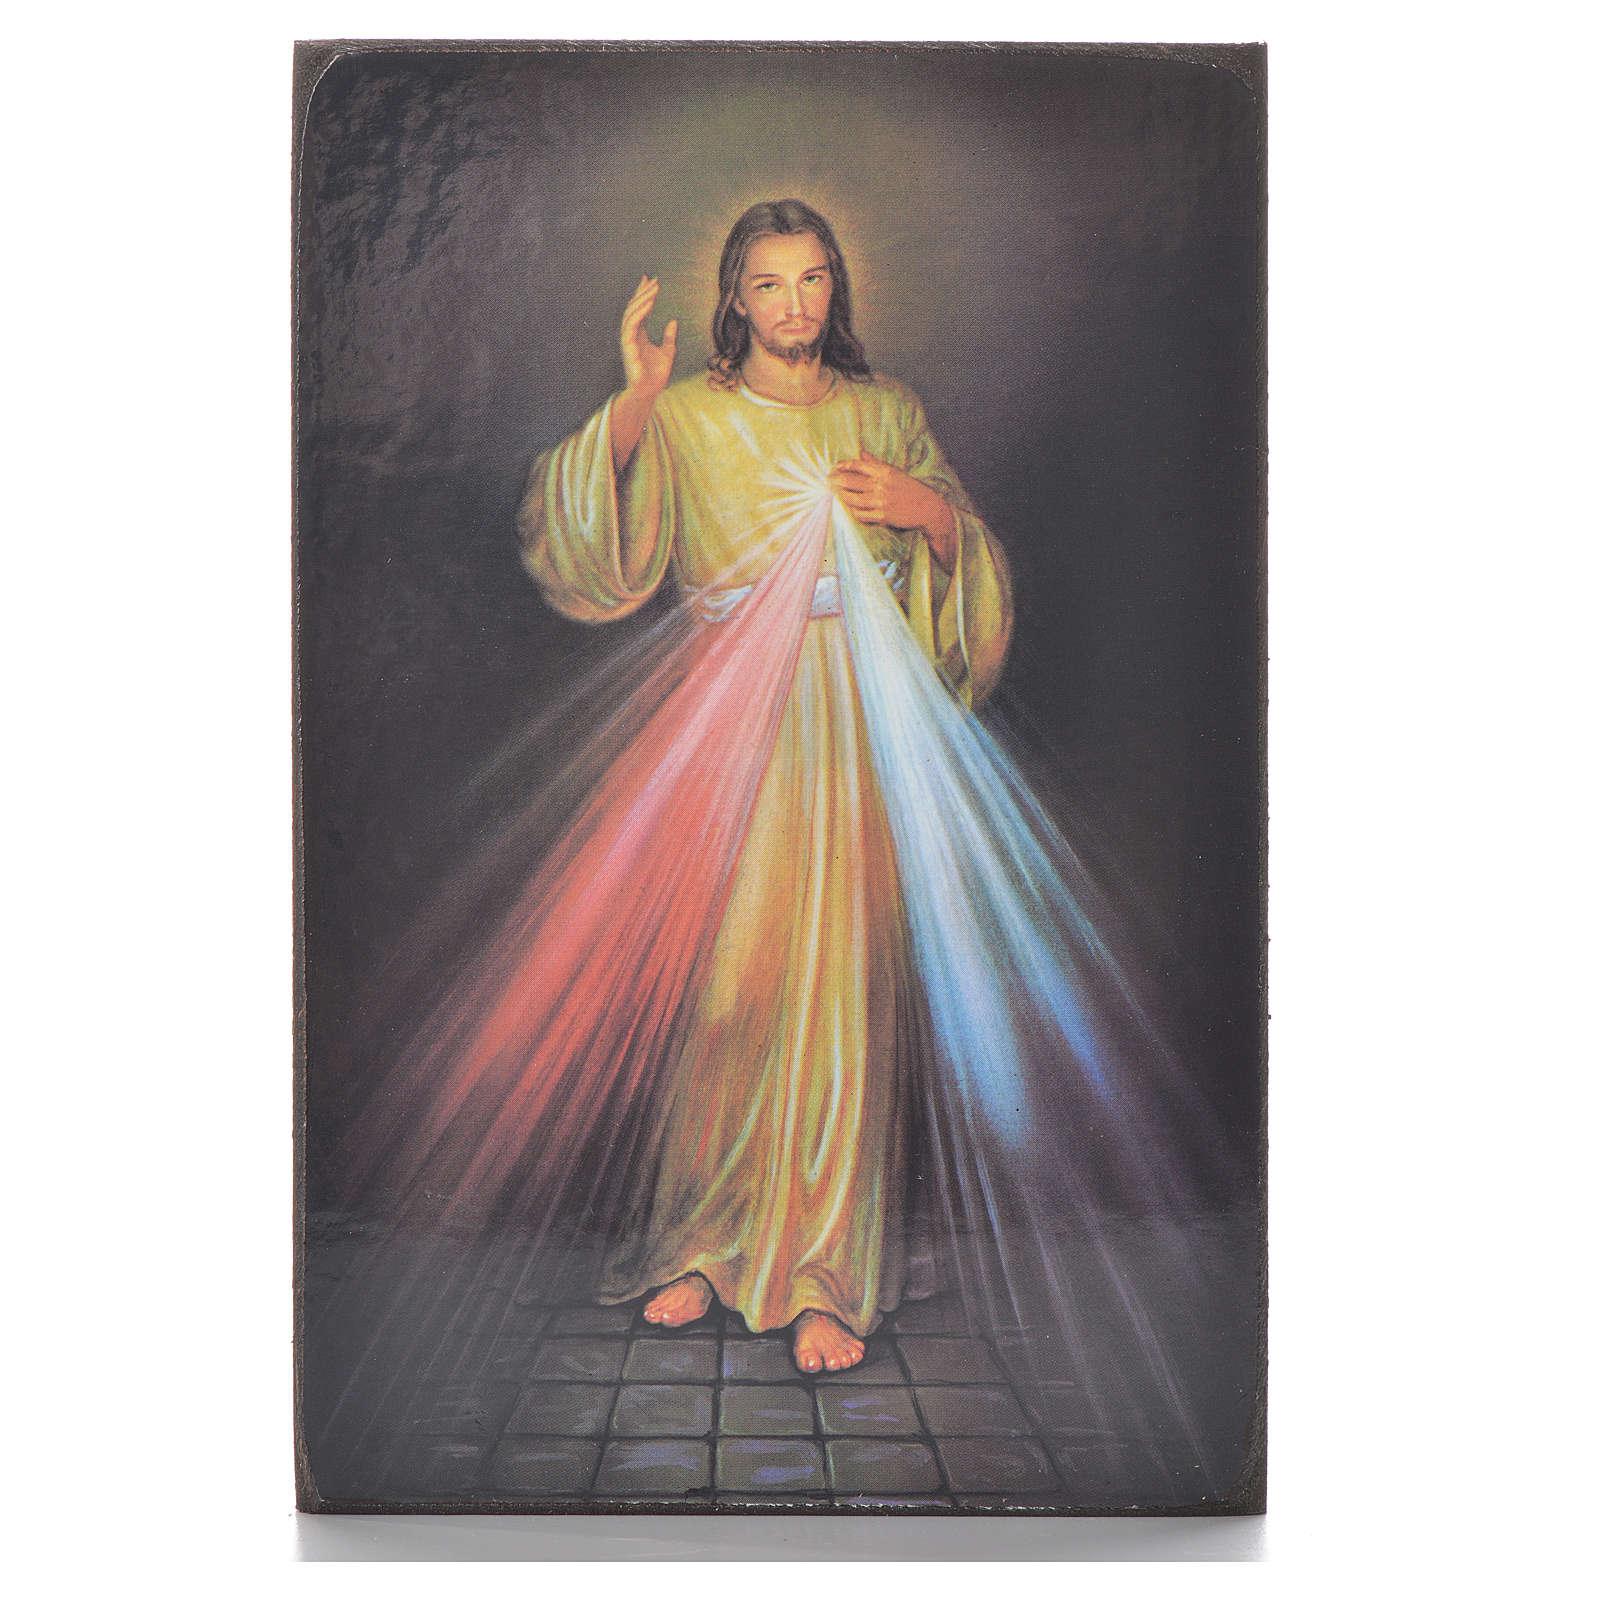 Barmherziger Jesus schwarz Bild 15x10cm 3